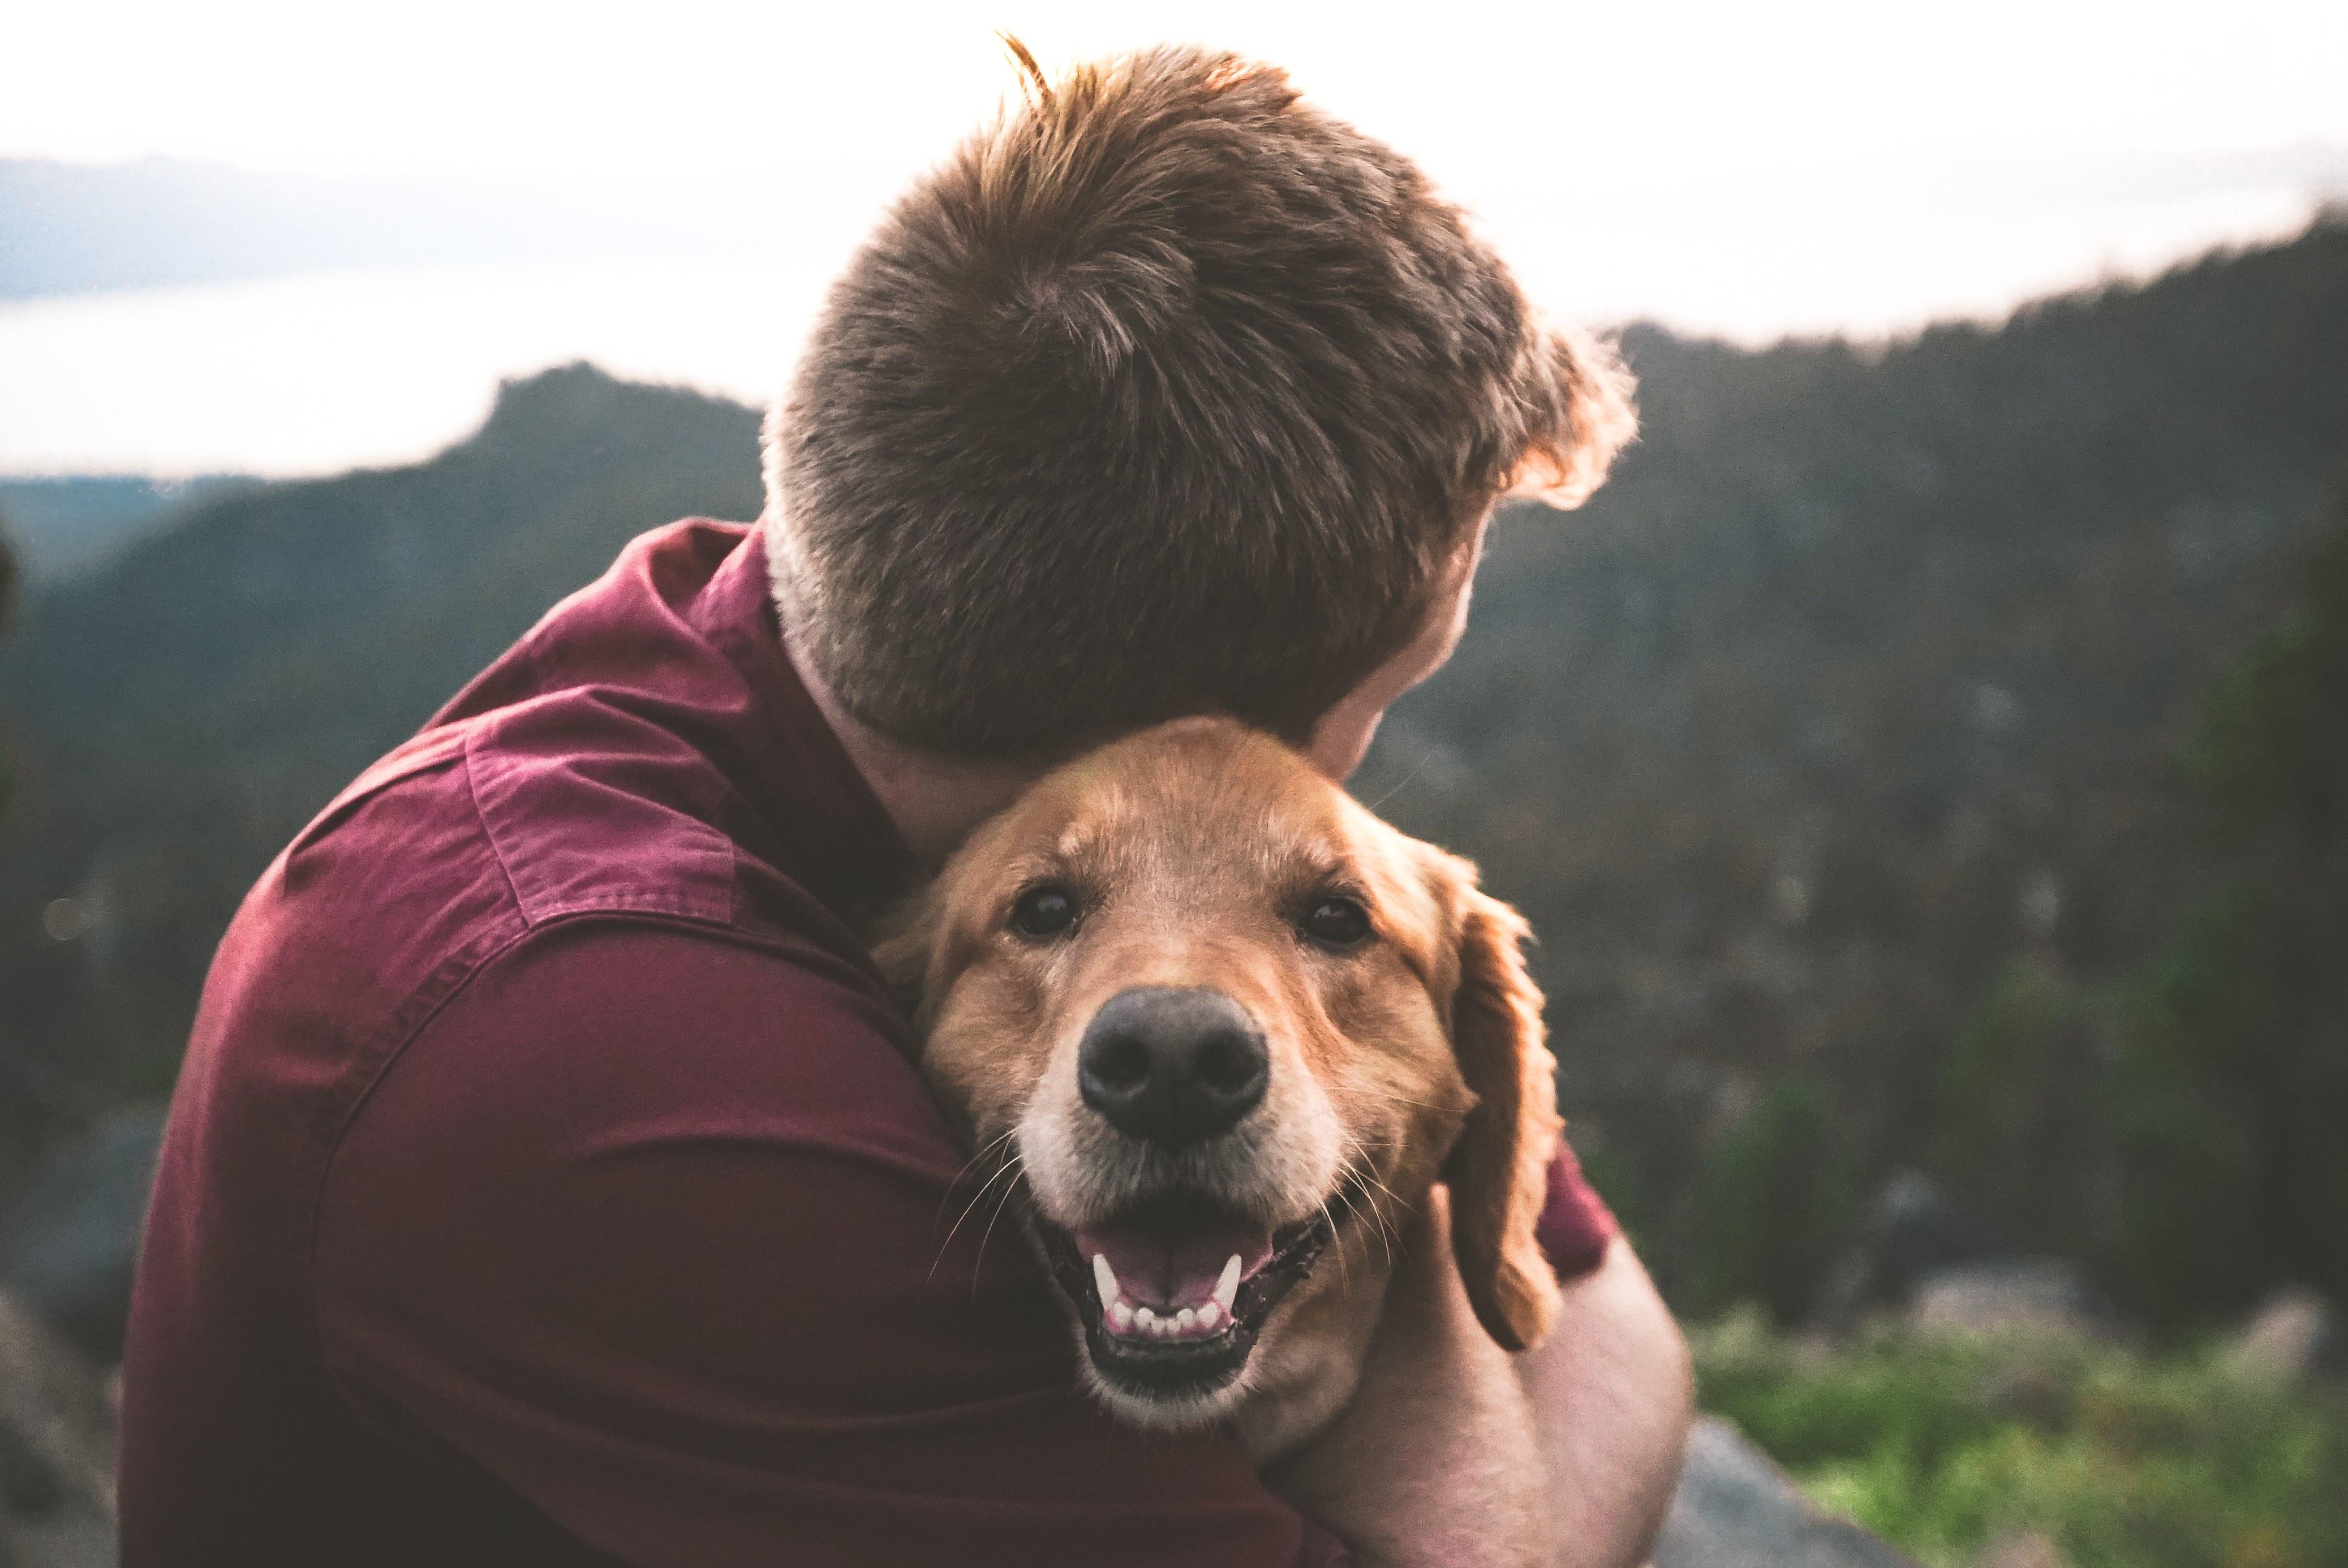 empath and dog